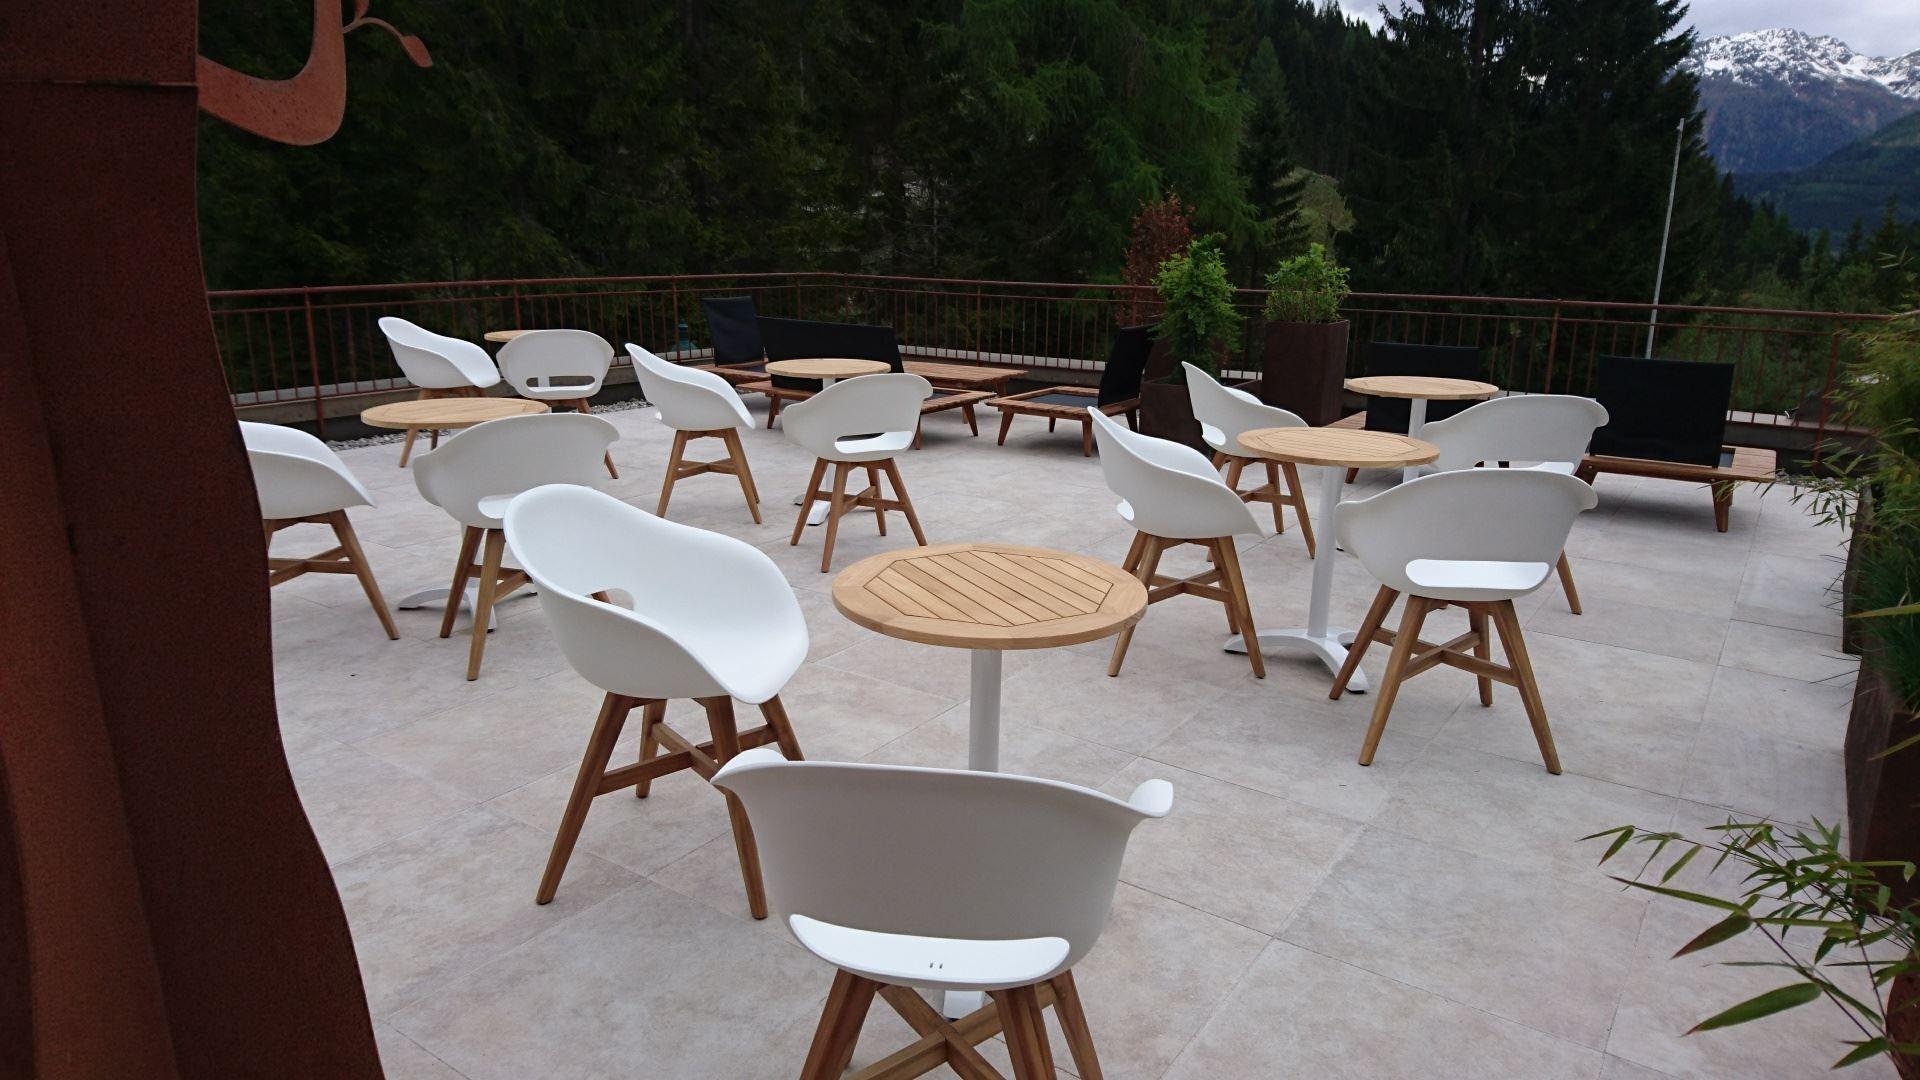 Unsere Terrasse erstrahlt im neuen Design! Besuchen Sie